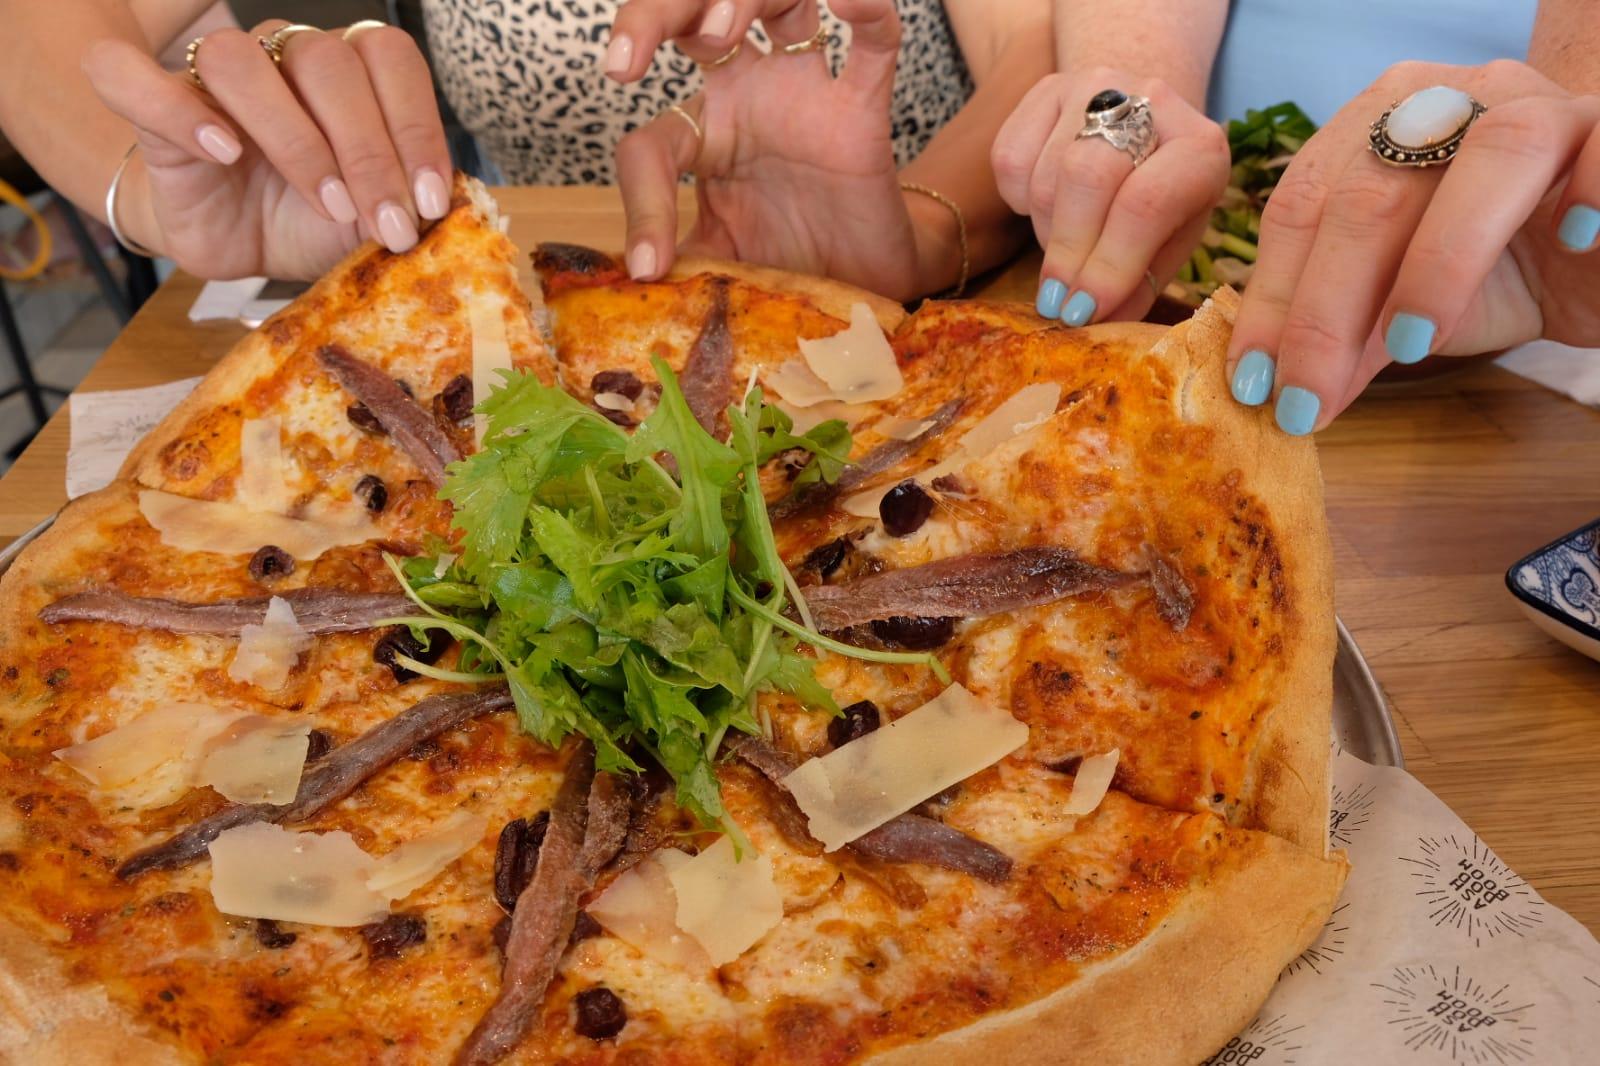 המסעדות הטובות ביותר ב אשדוד והסביבה - באדה בום